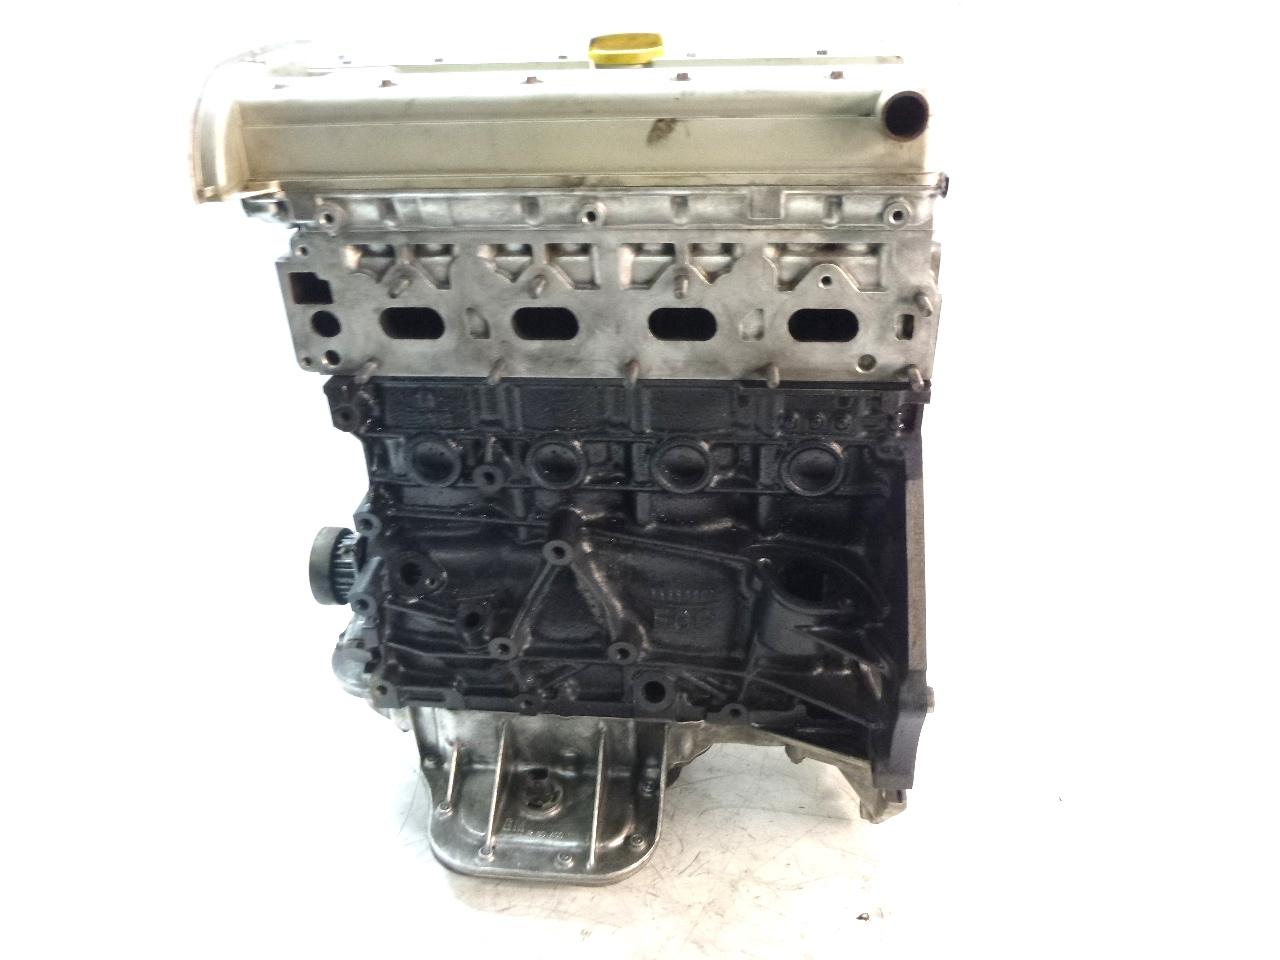 Motor Opel Astra Zafira 2,0 Benzin Turbo Z20LER Z20